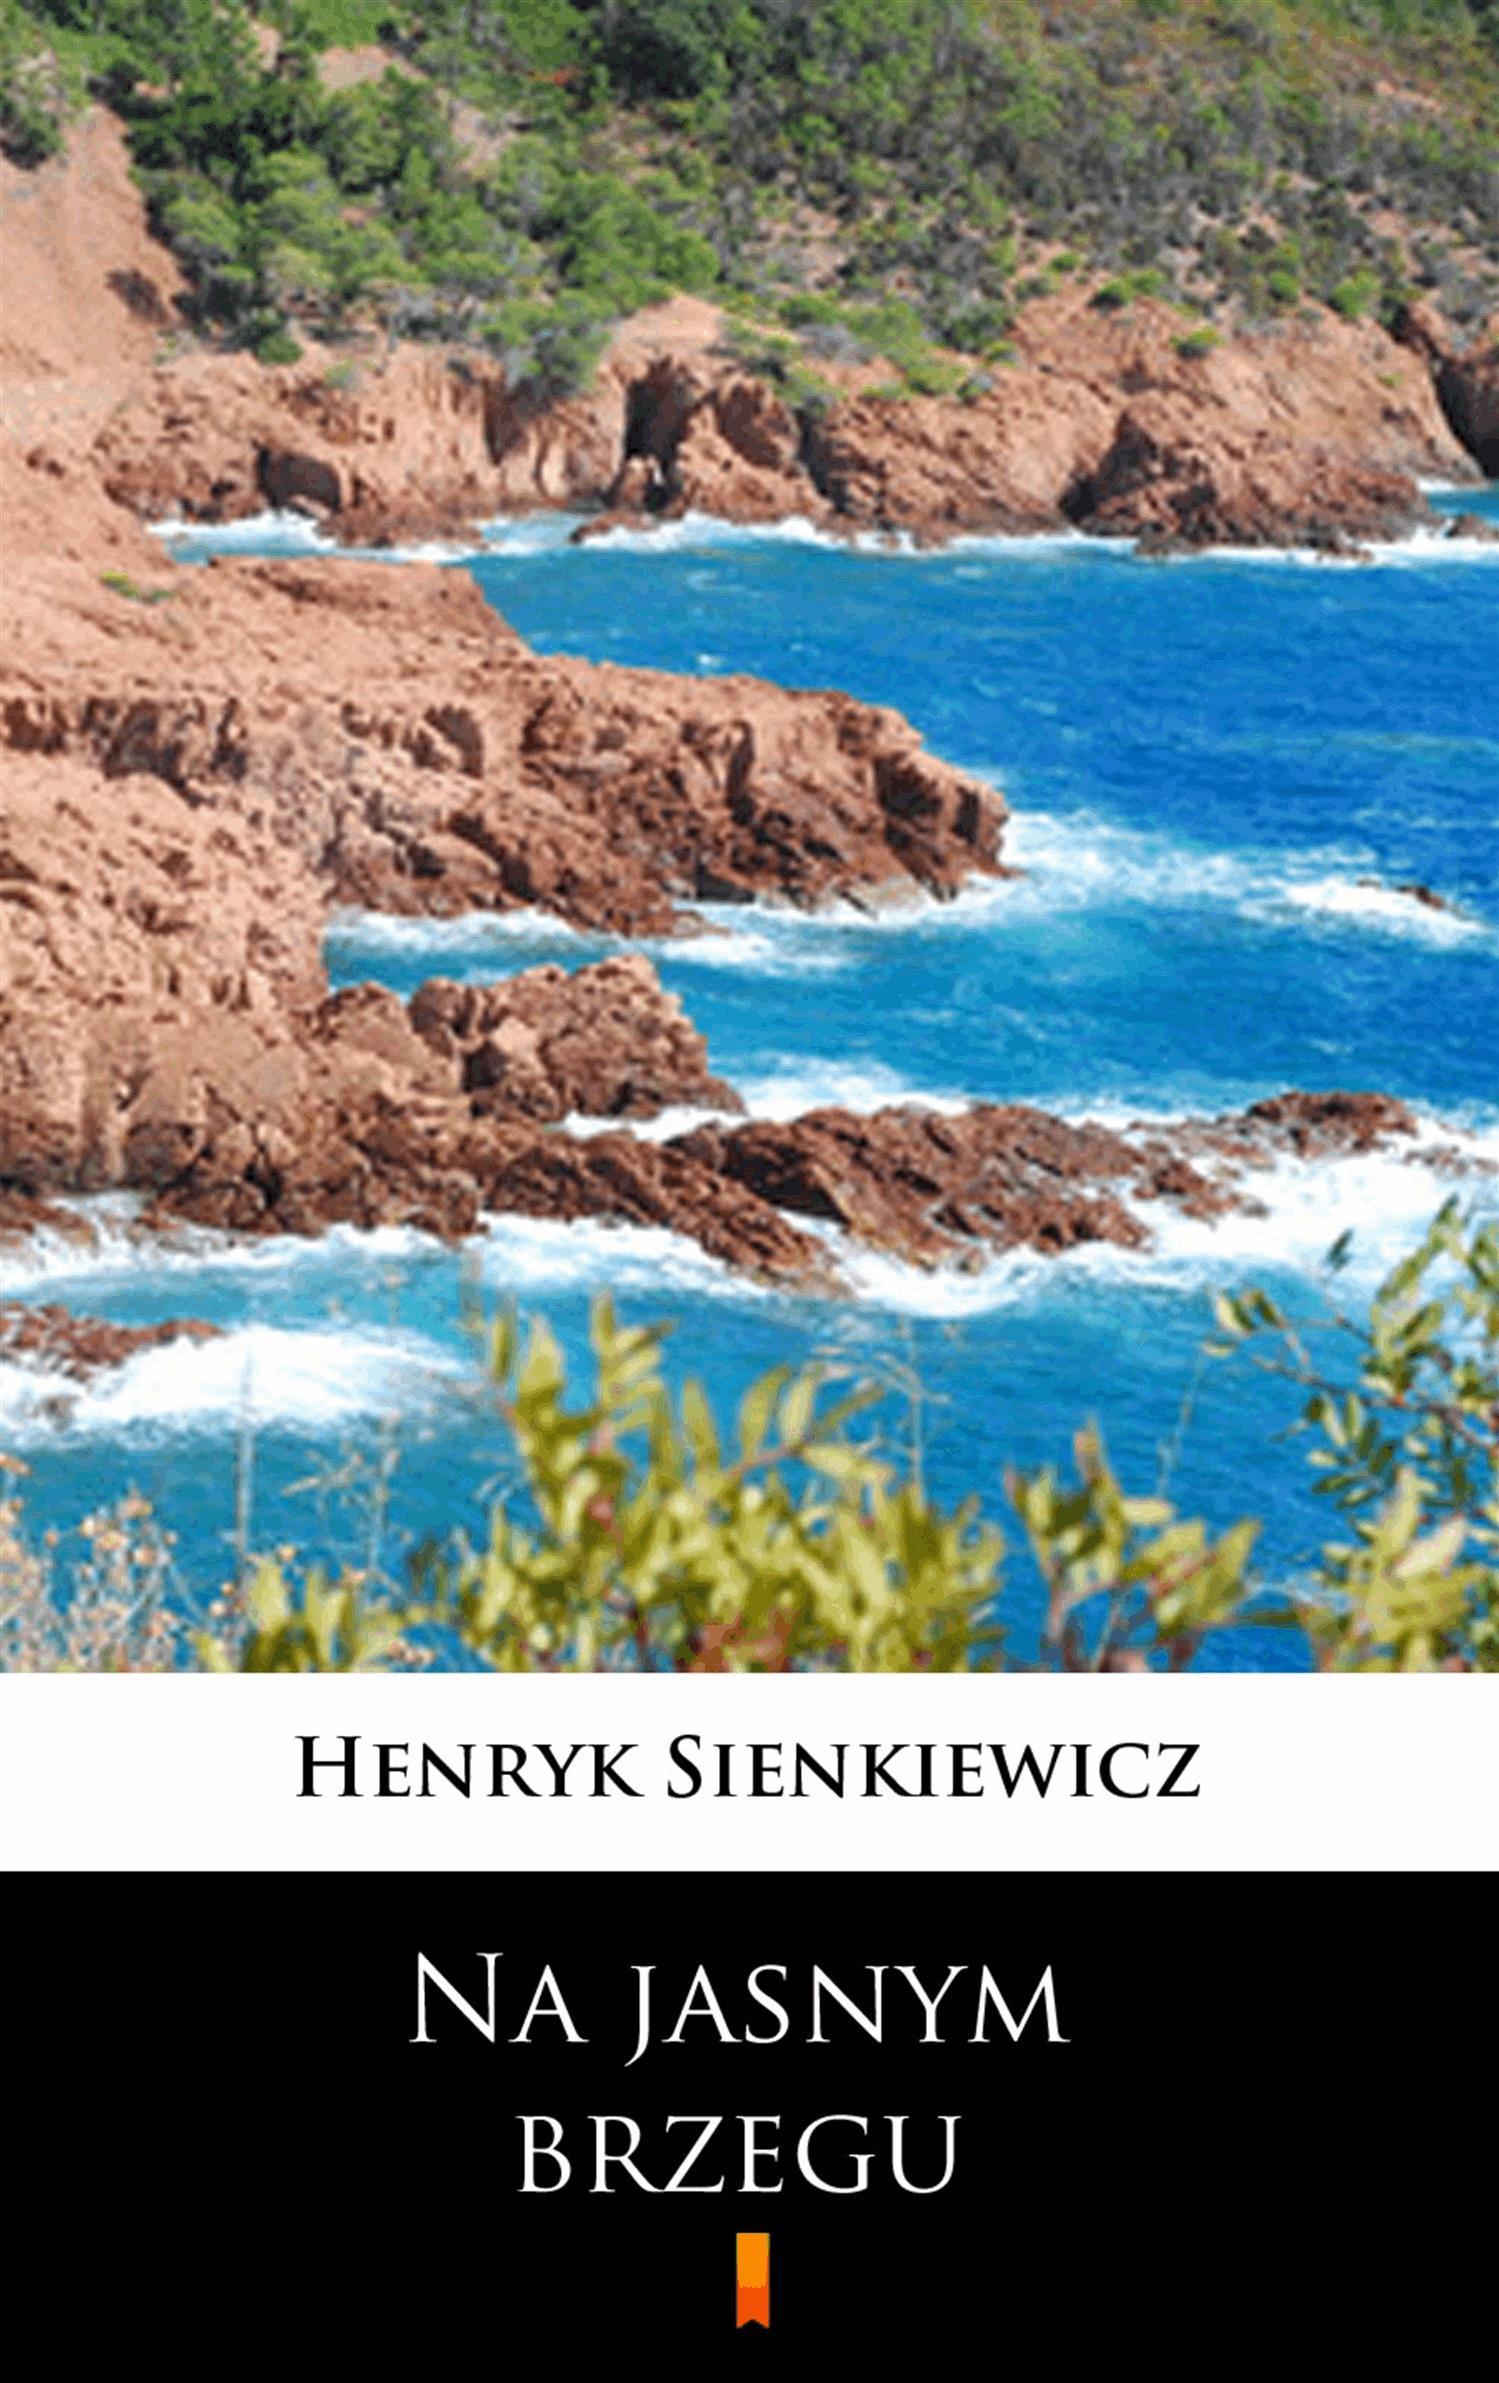 Na jasnym brzegu - Tylko w Legimi możesz przeczytać ten tytuł przez 7 dni za darmo. - Henryk Sienkiewicz